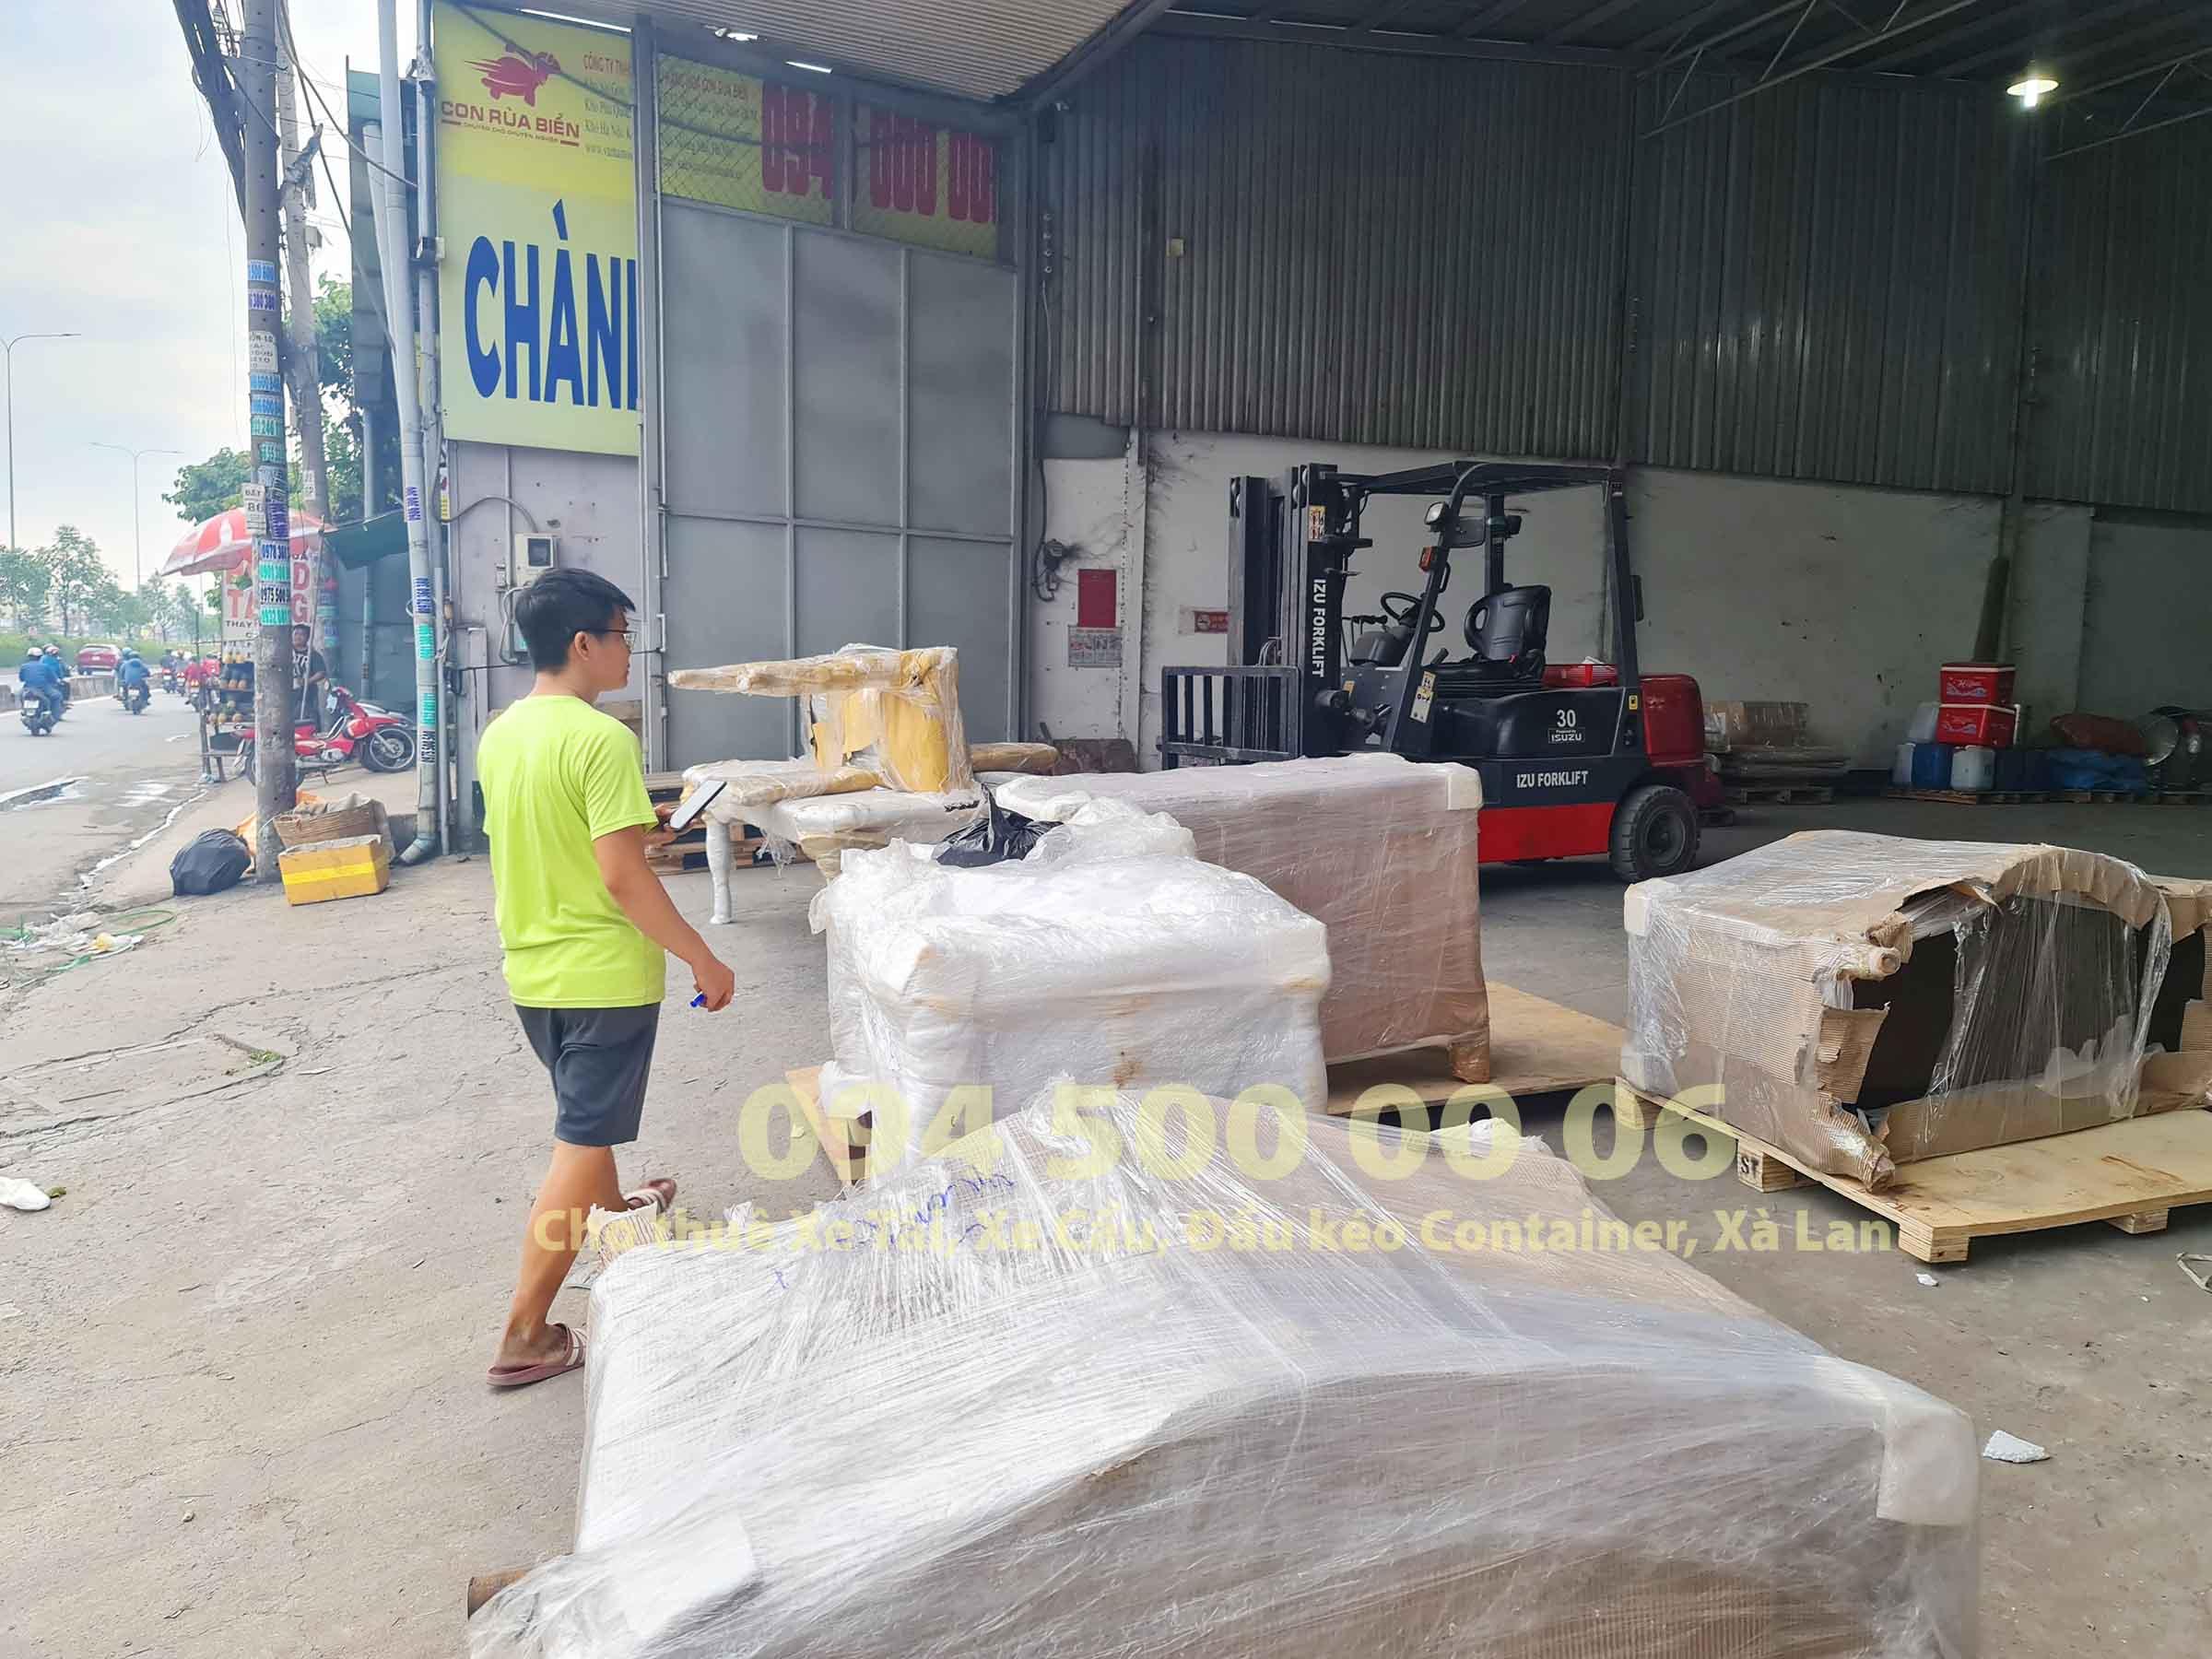 Hướng dẫn Vận chuyển hàng Nội thất đi Phú Quốc tại Chành xe Hà Nội Đà Nẵng Sài Gòn Phú Quốc